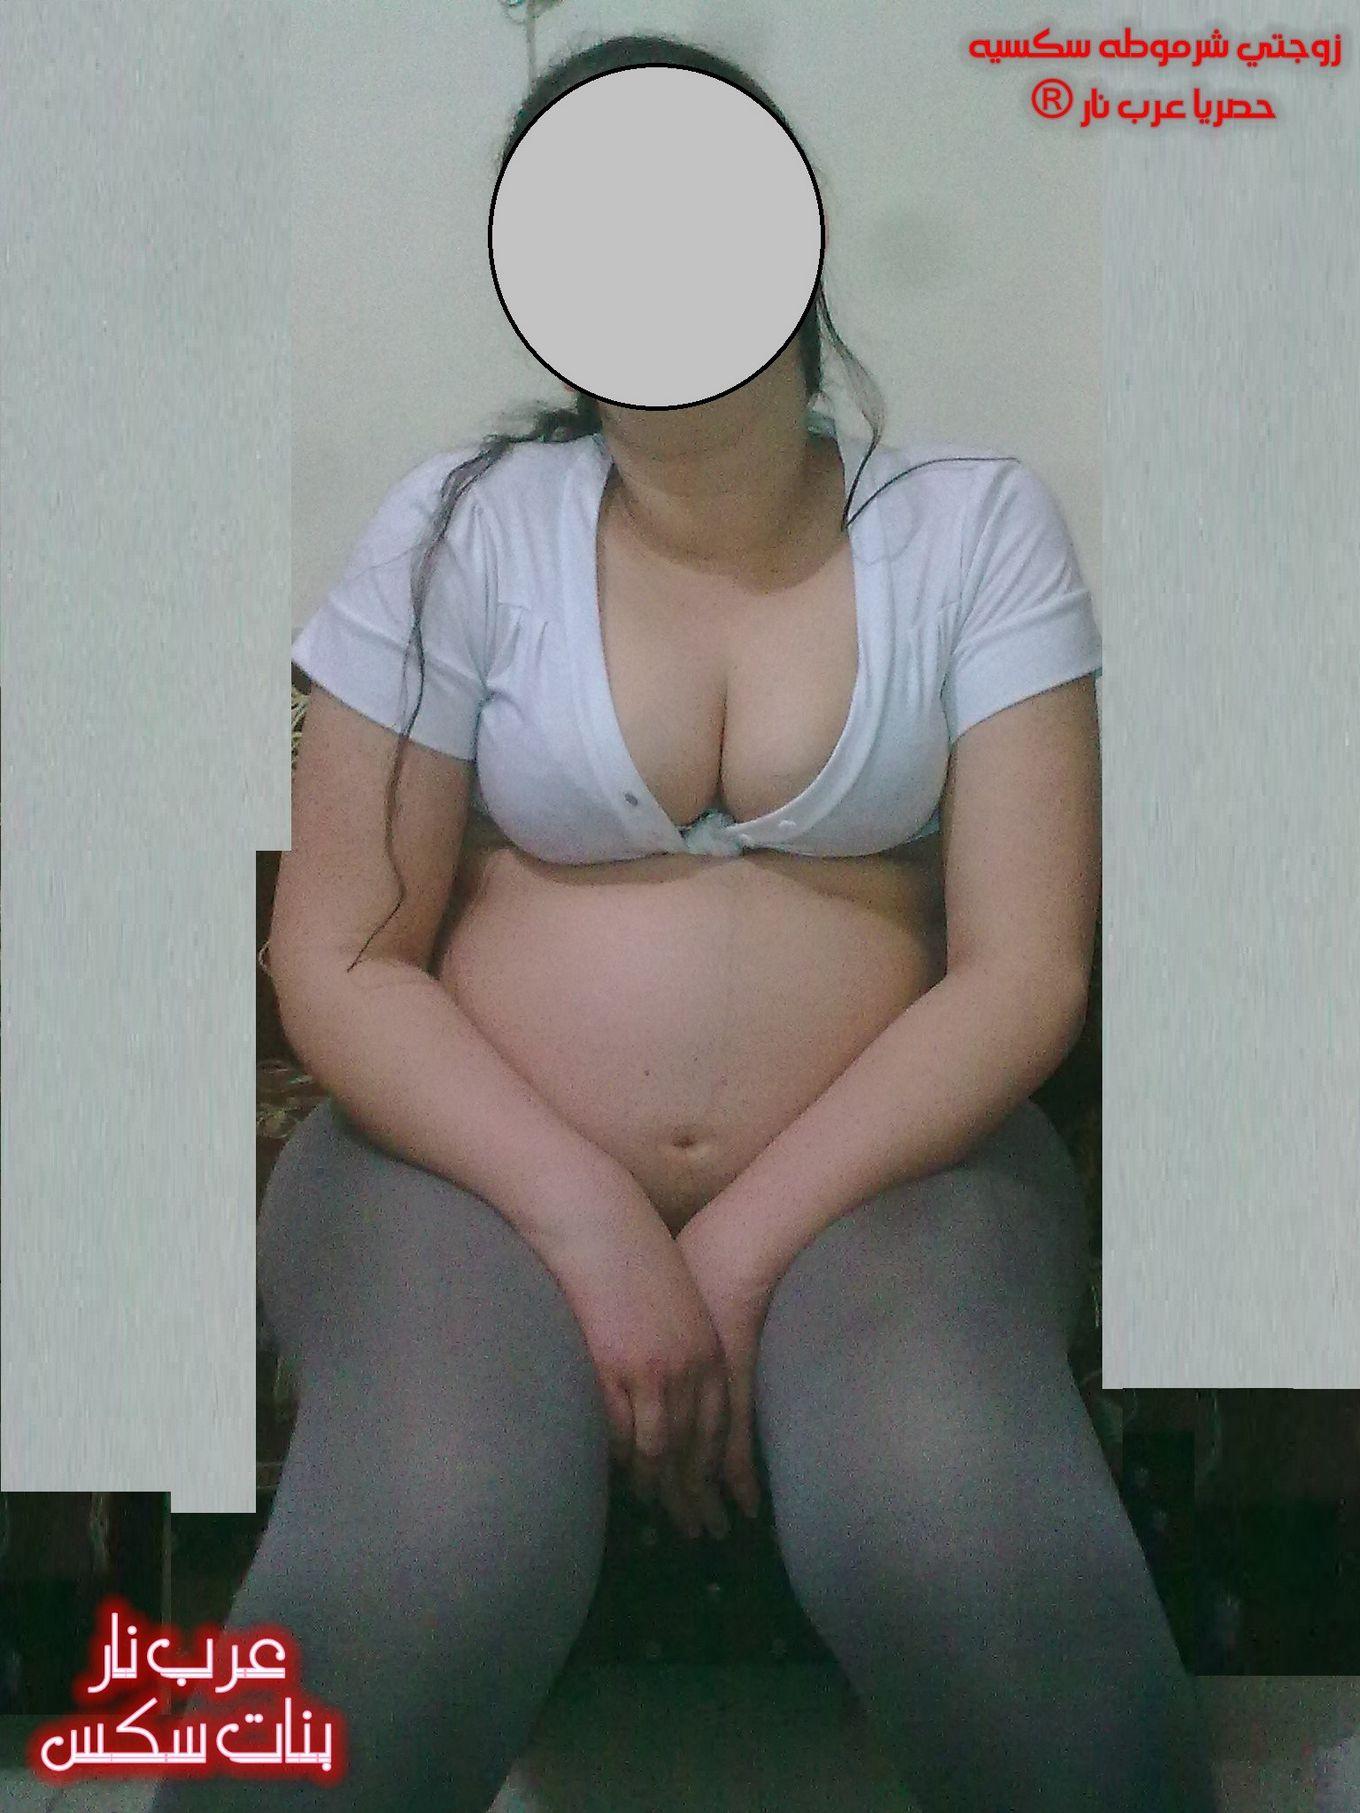 Голая беременная женщина из Ливана